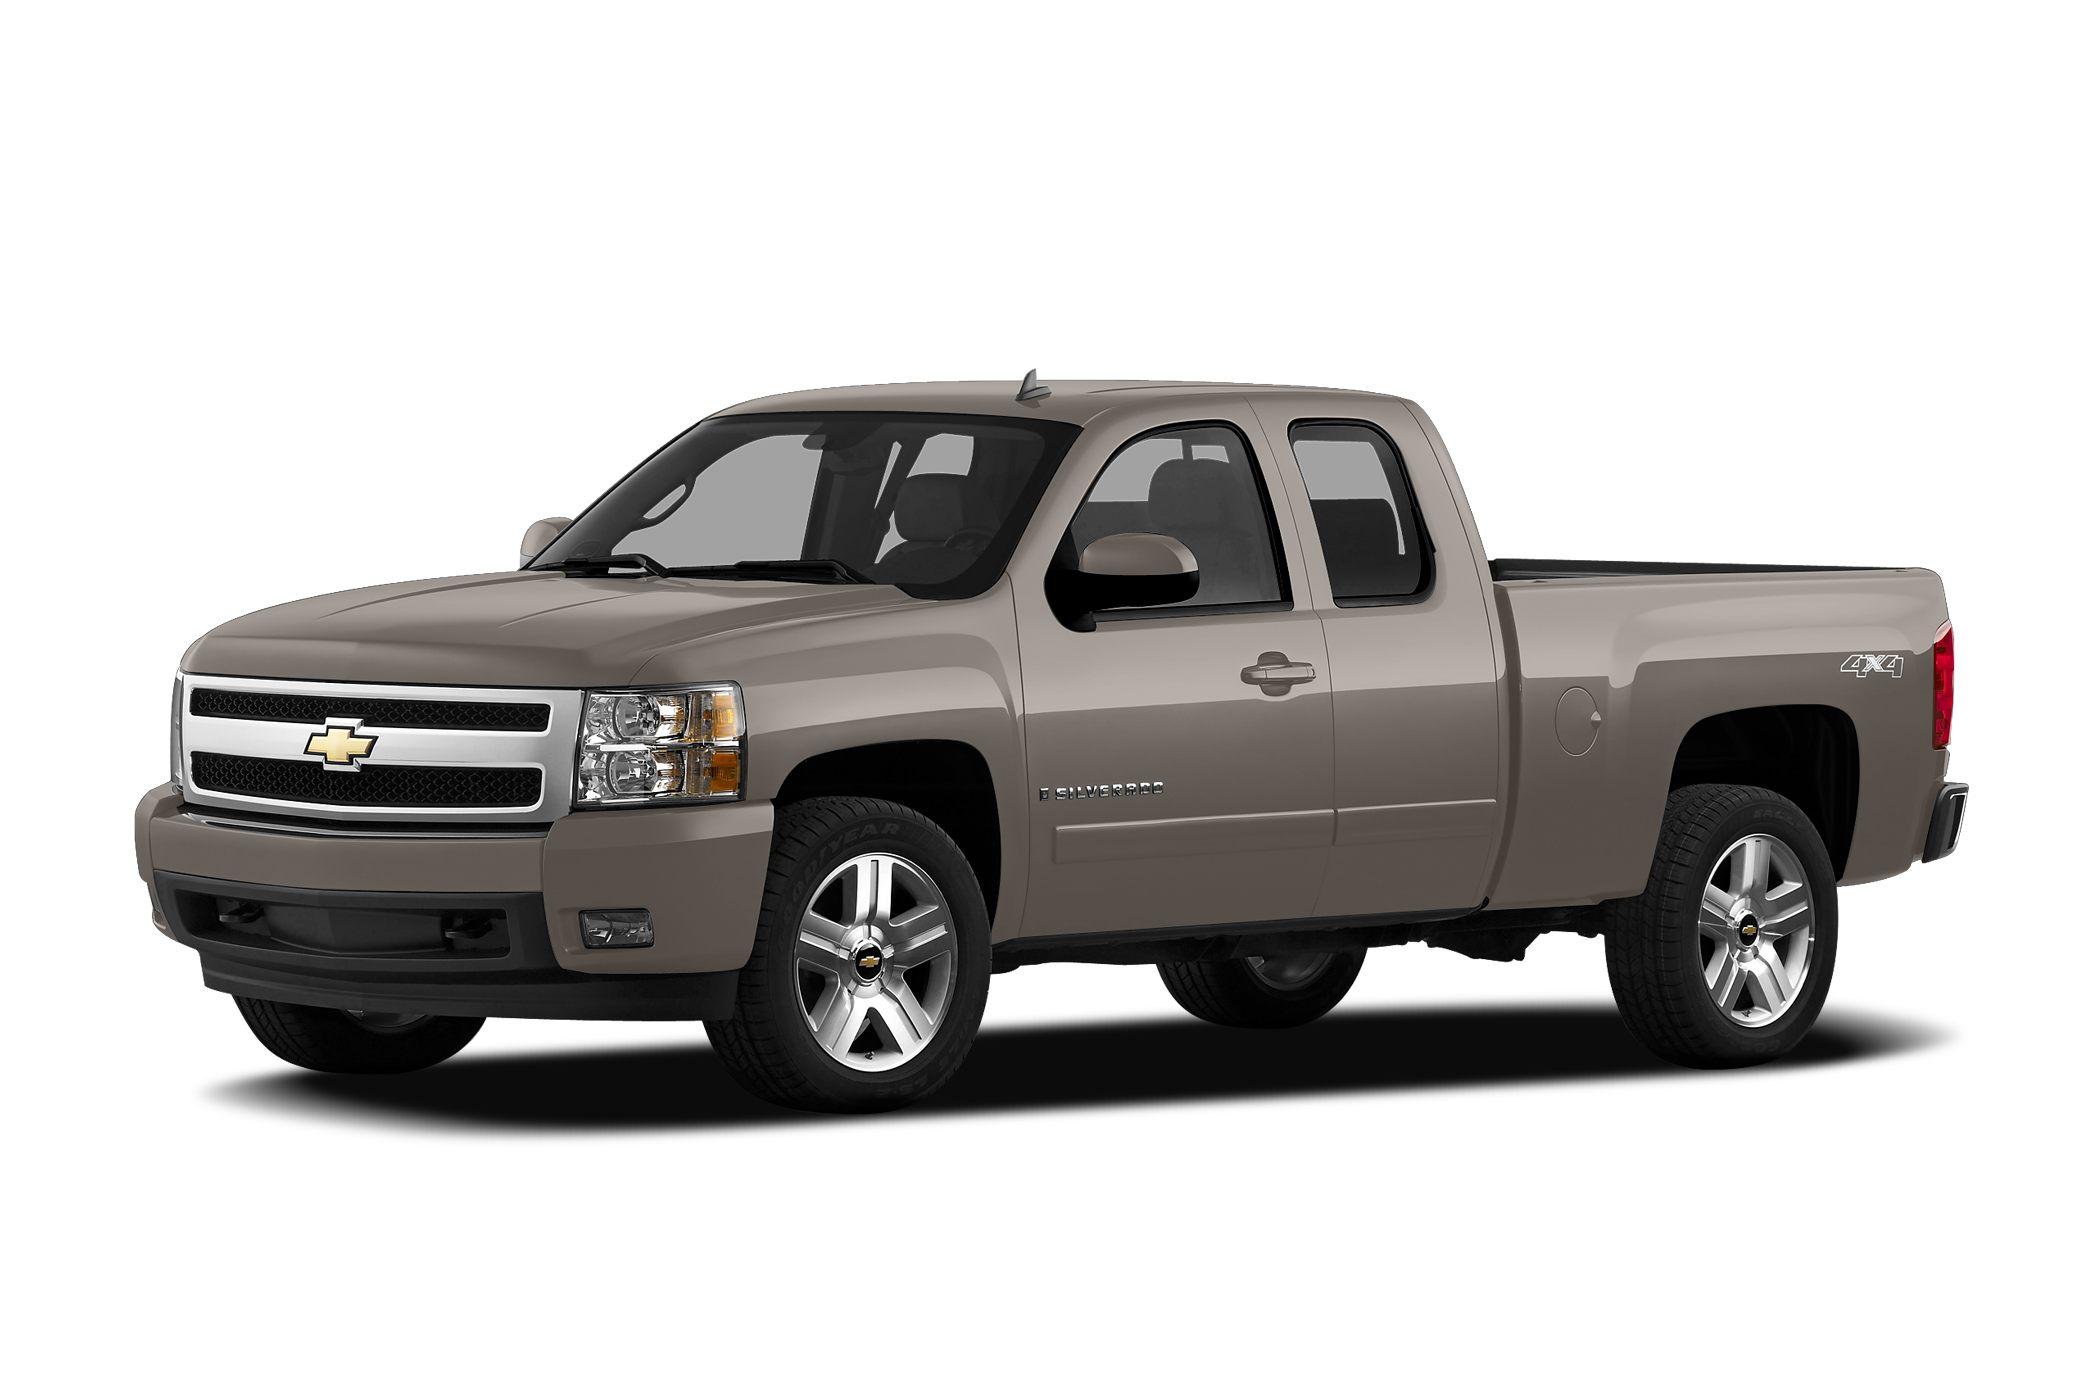 2008 Chevrolet Silverado 1500  Miles 63324Color Blue Stock 17676 VIN 2GCEK19J781146395